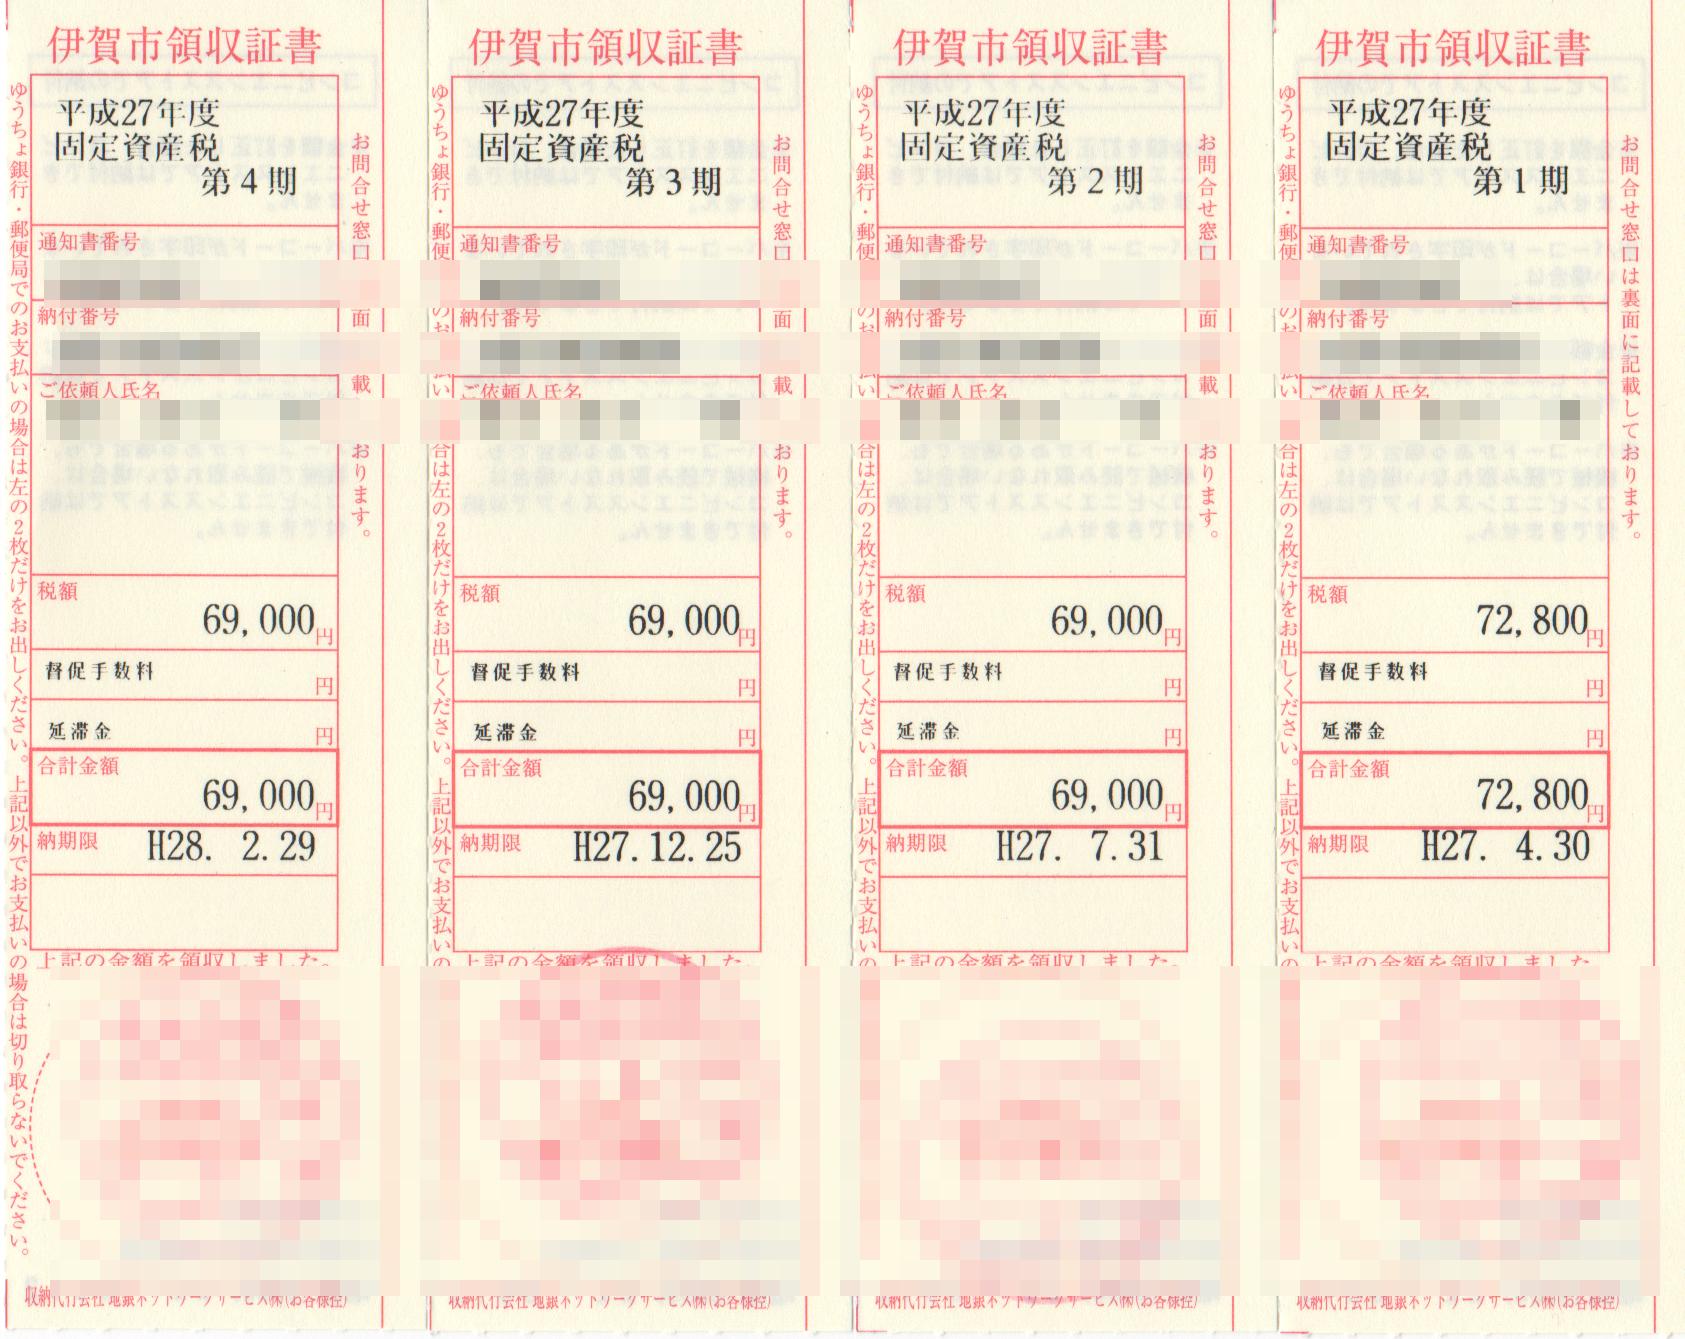 kotei20150409a